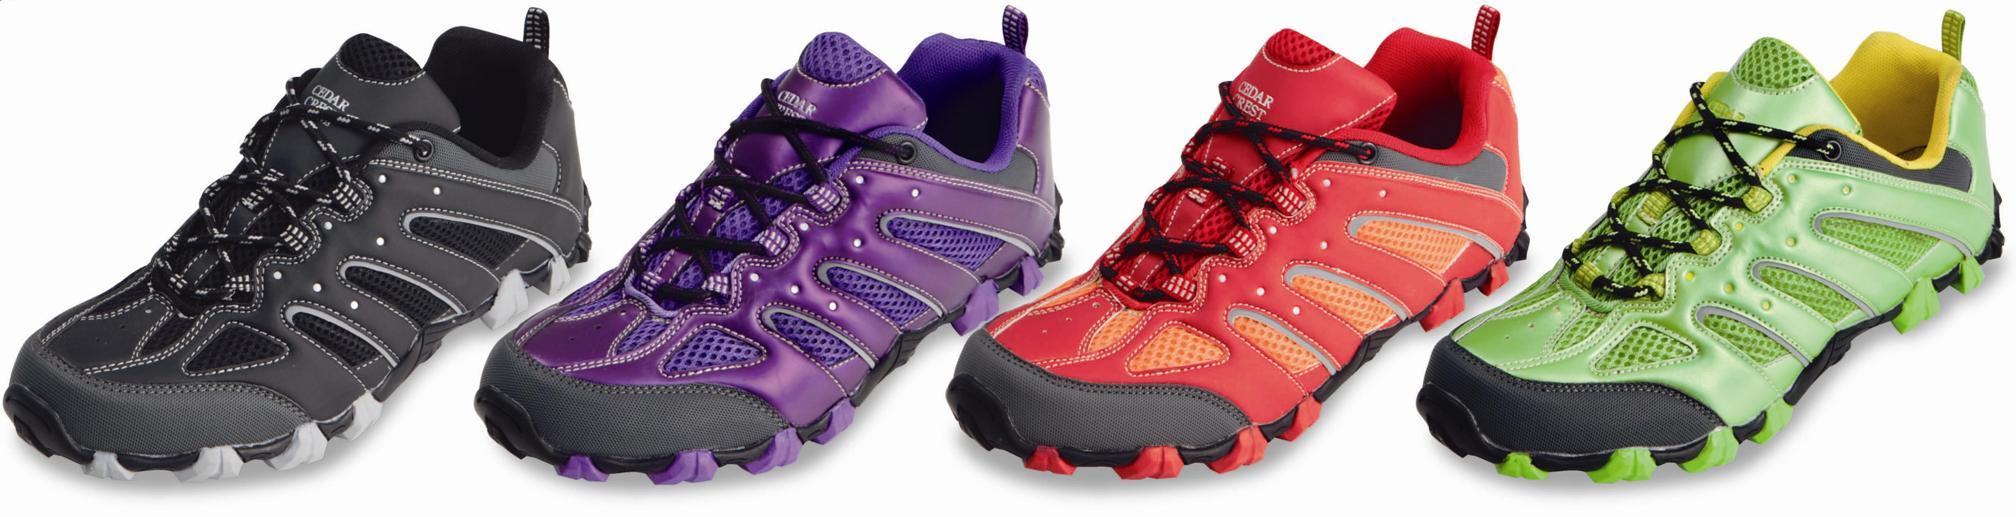 「大量発注・売り切り型」で4,000円級商品の低コスト化を実現 人気ブランドの秋の定番靴を1990円で提供するプロジェクト 2011年9月15日(木)一斉販売開始